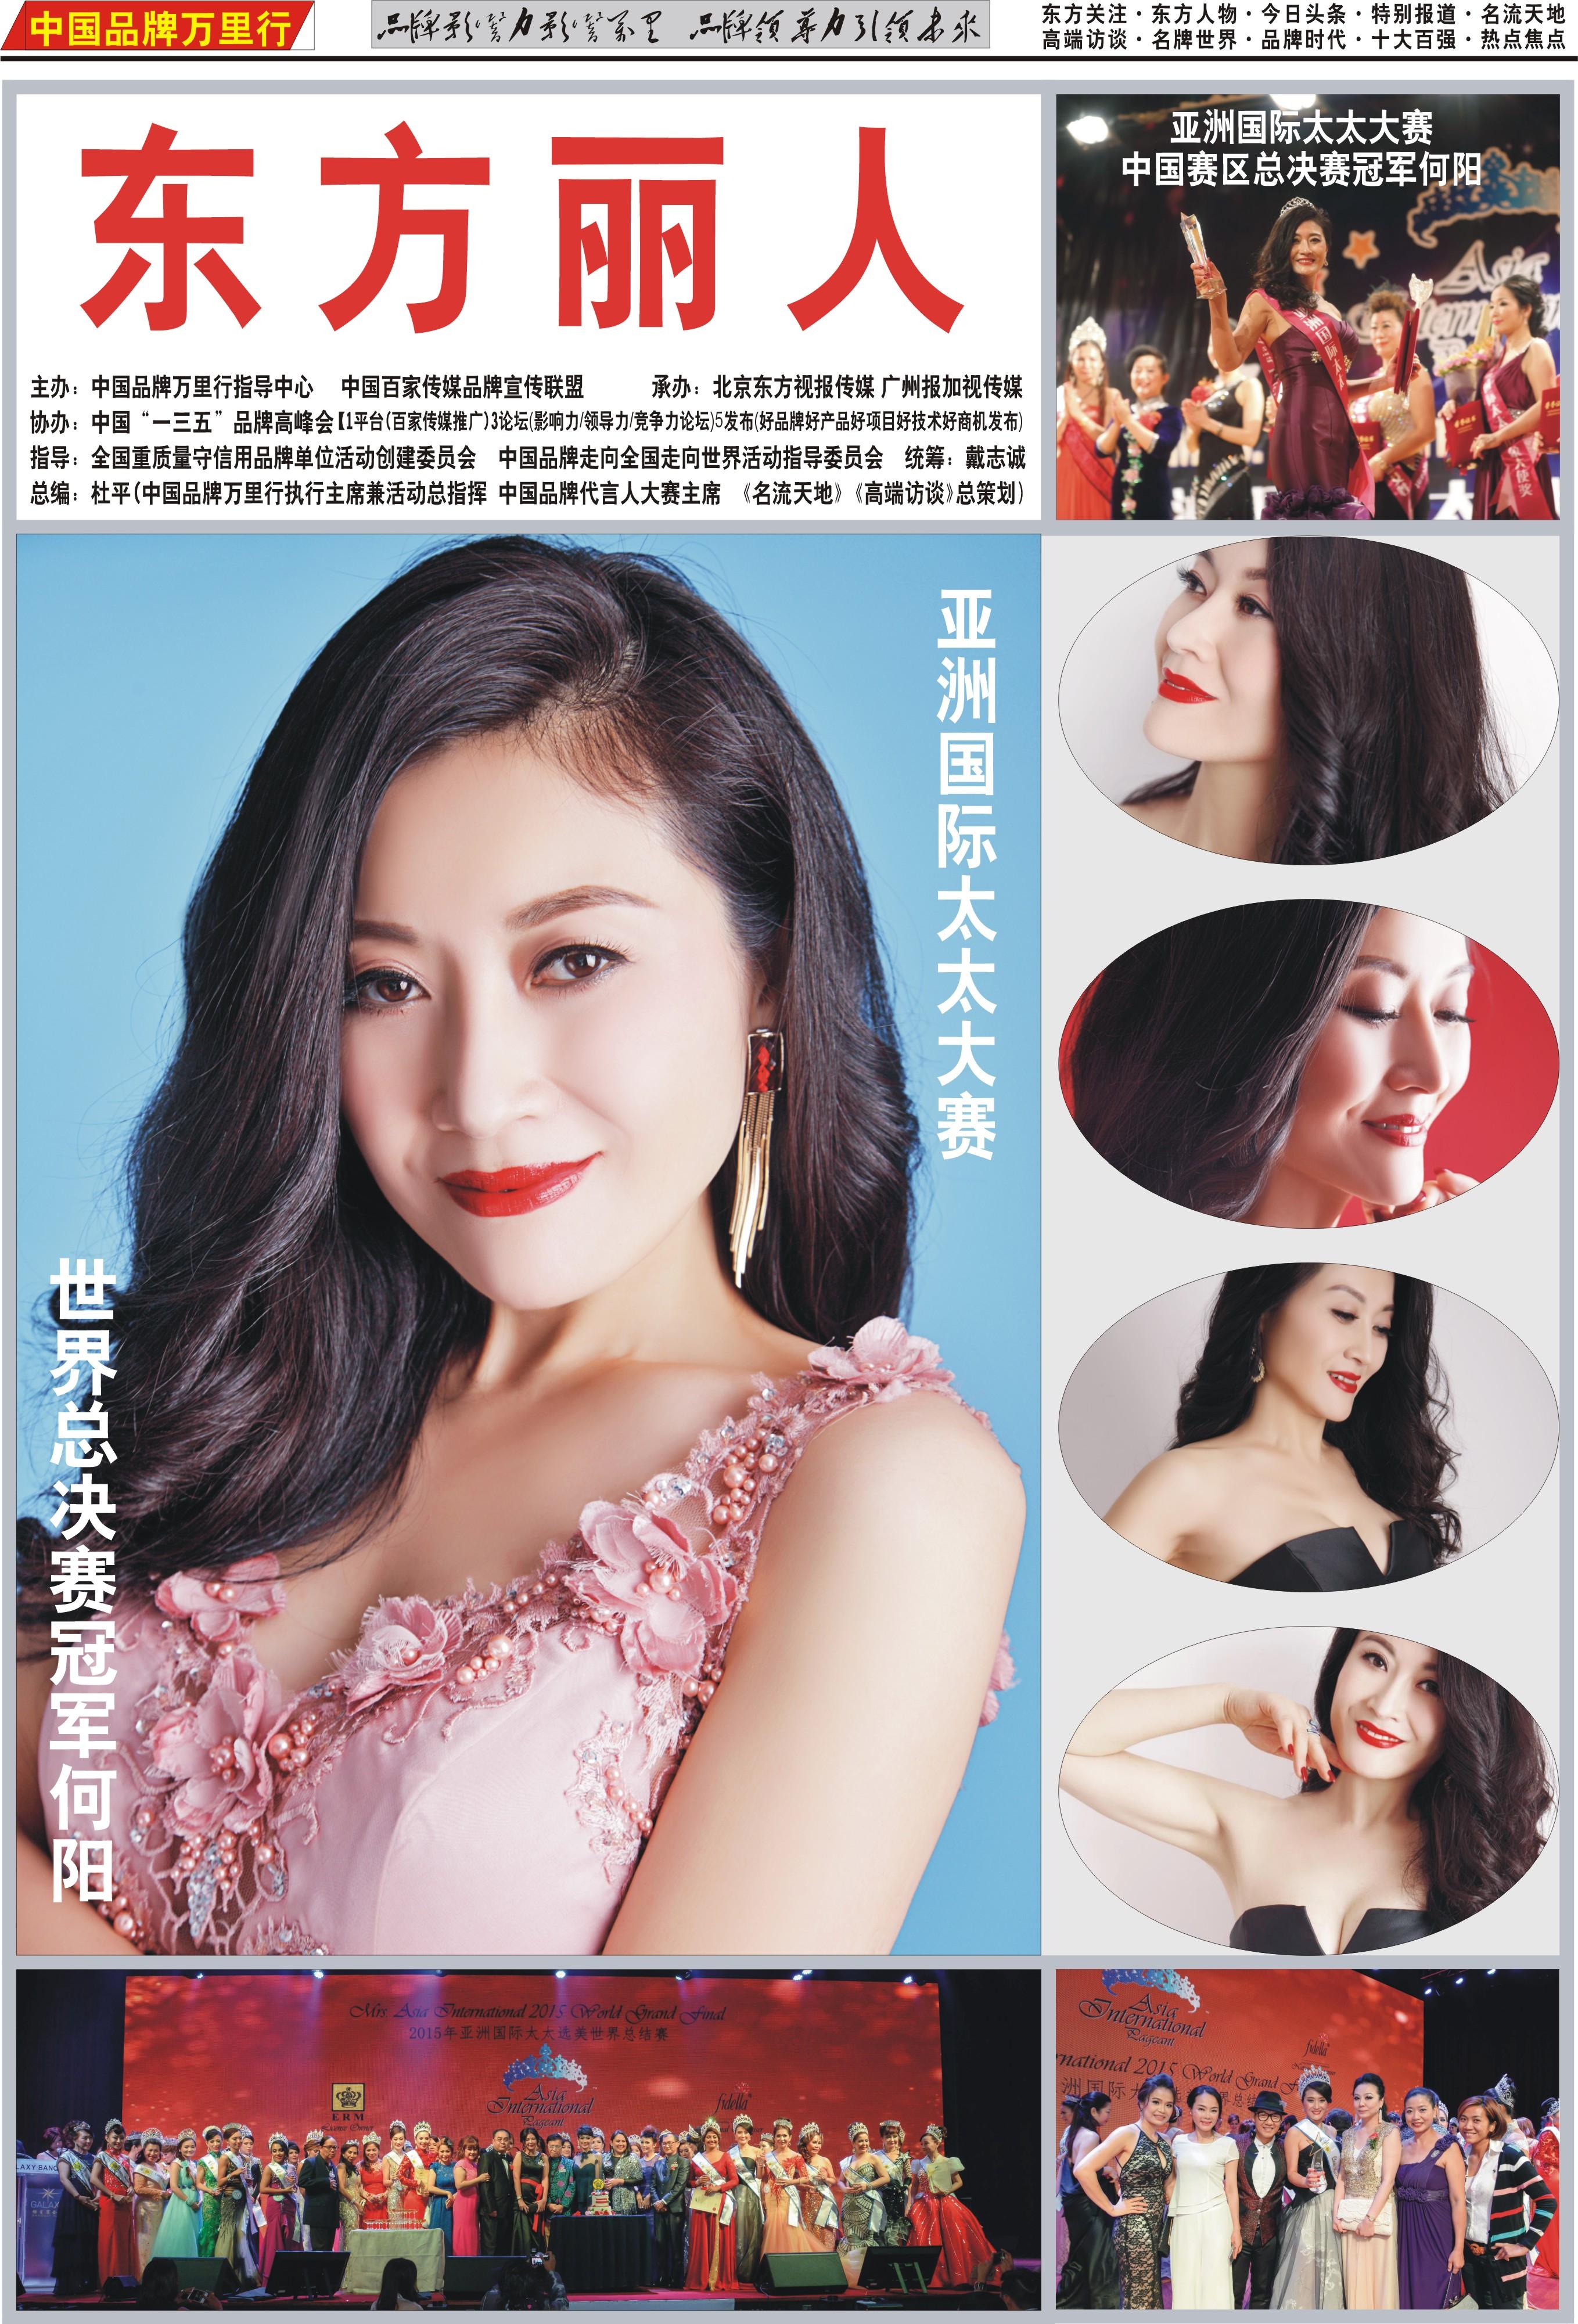 中国选手何阳摘得亚洲国际太太大赛世界总决赛桂冠